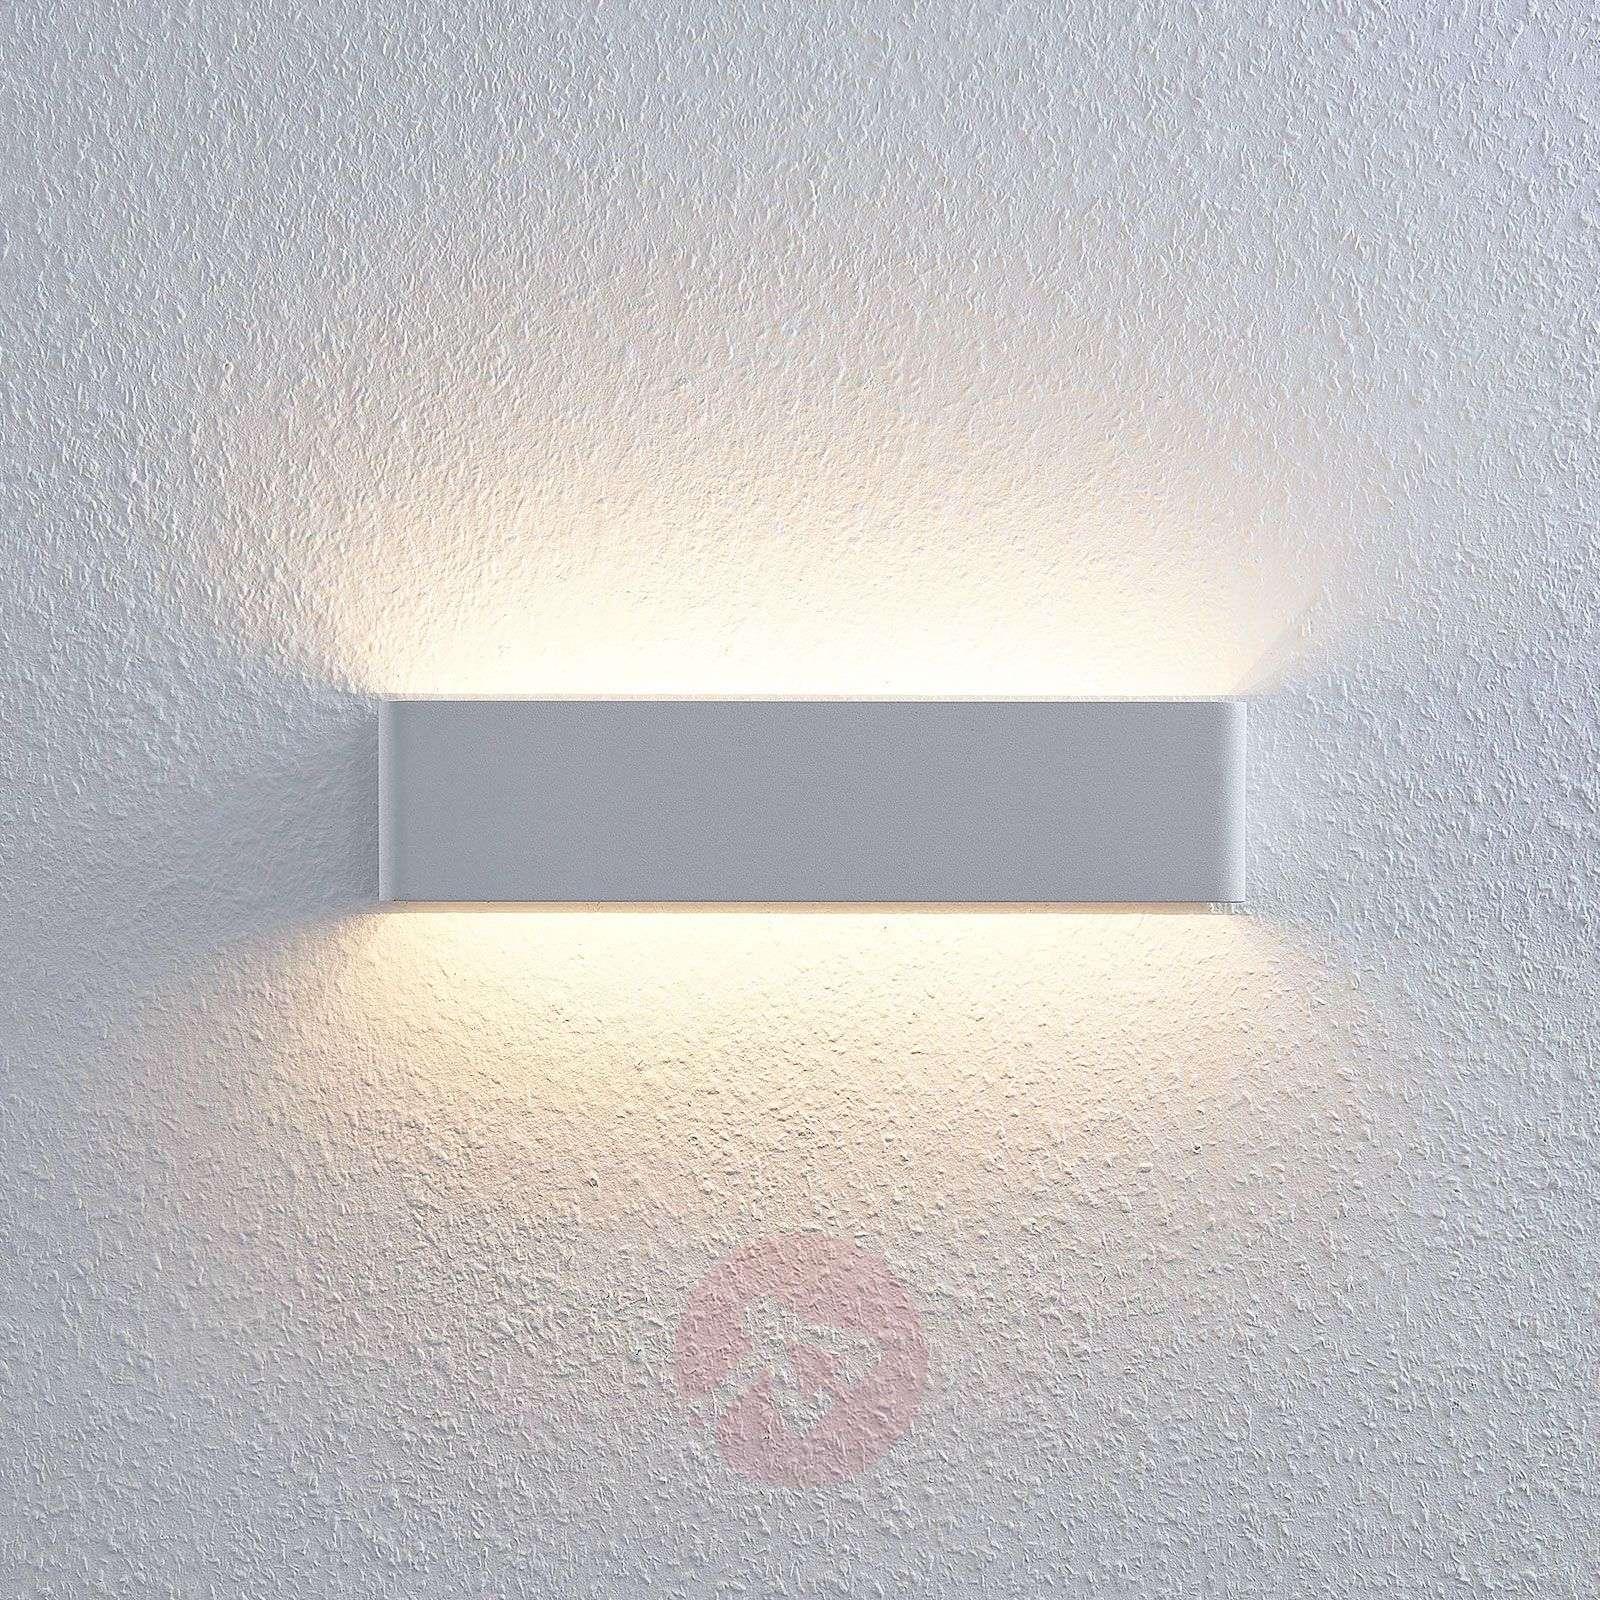 Angular LED wall light Lonisa for the home-9621157-02